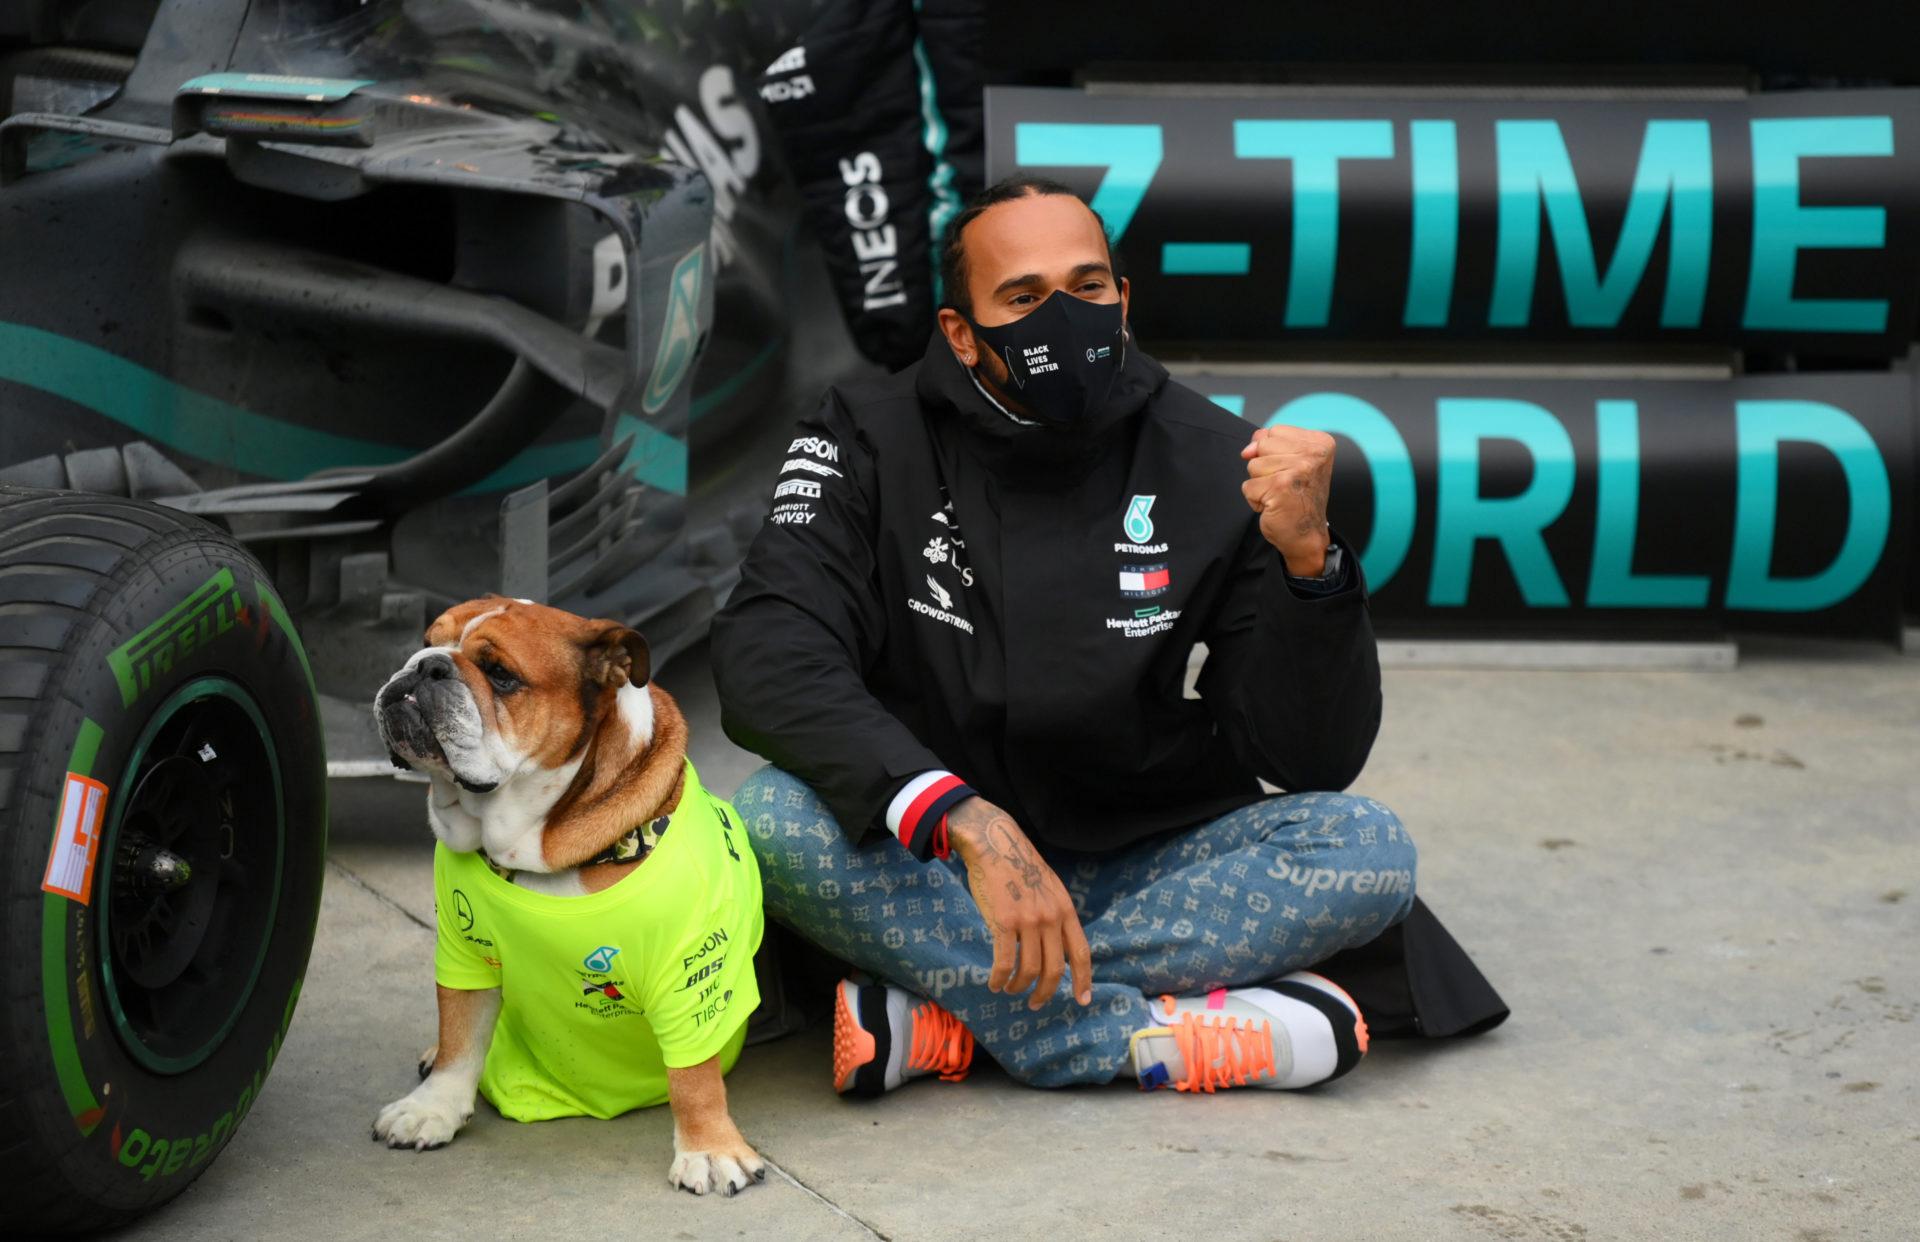 Các tay đua F1 hoảng hồn phát hiện vị khách không mời mà đến, chặng đua buộc phải gián đoạn - Ảnh 2.